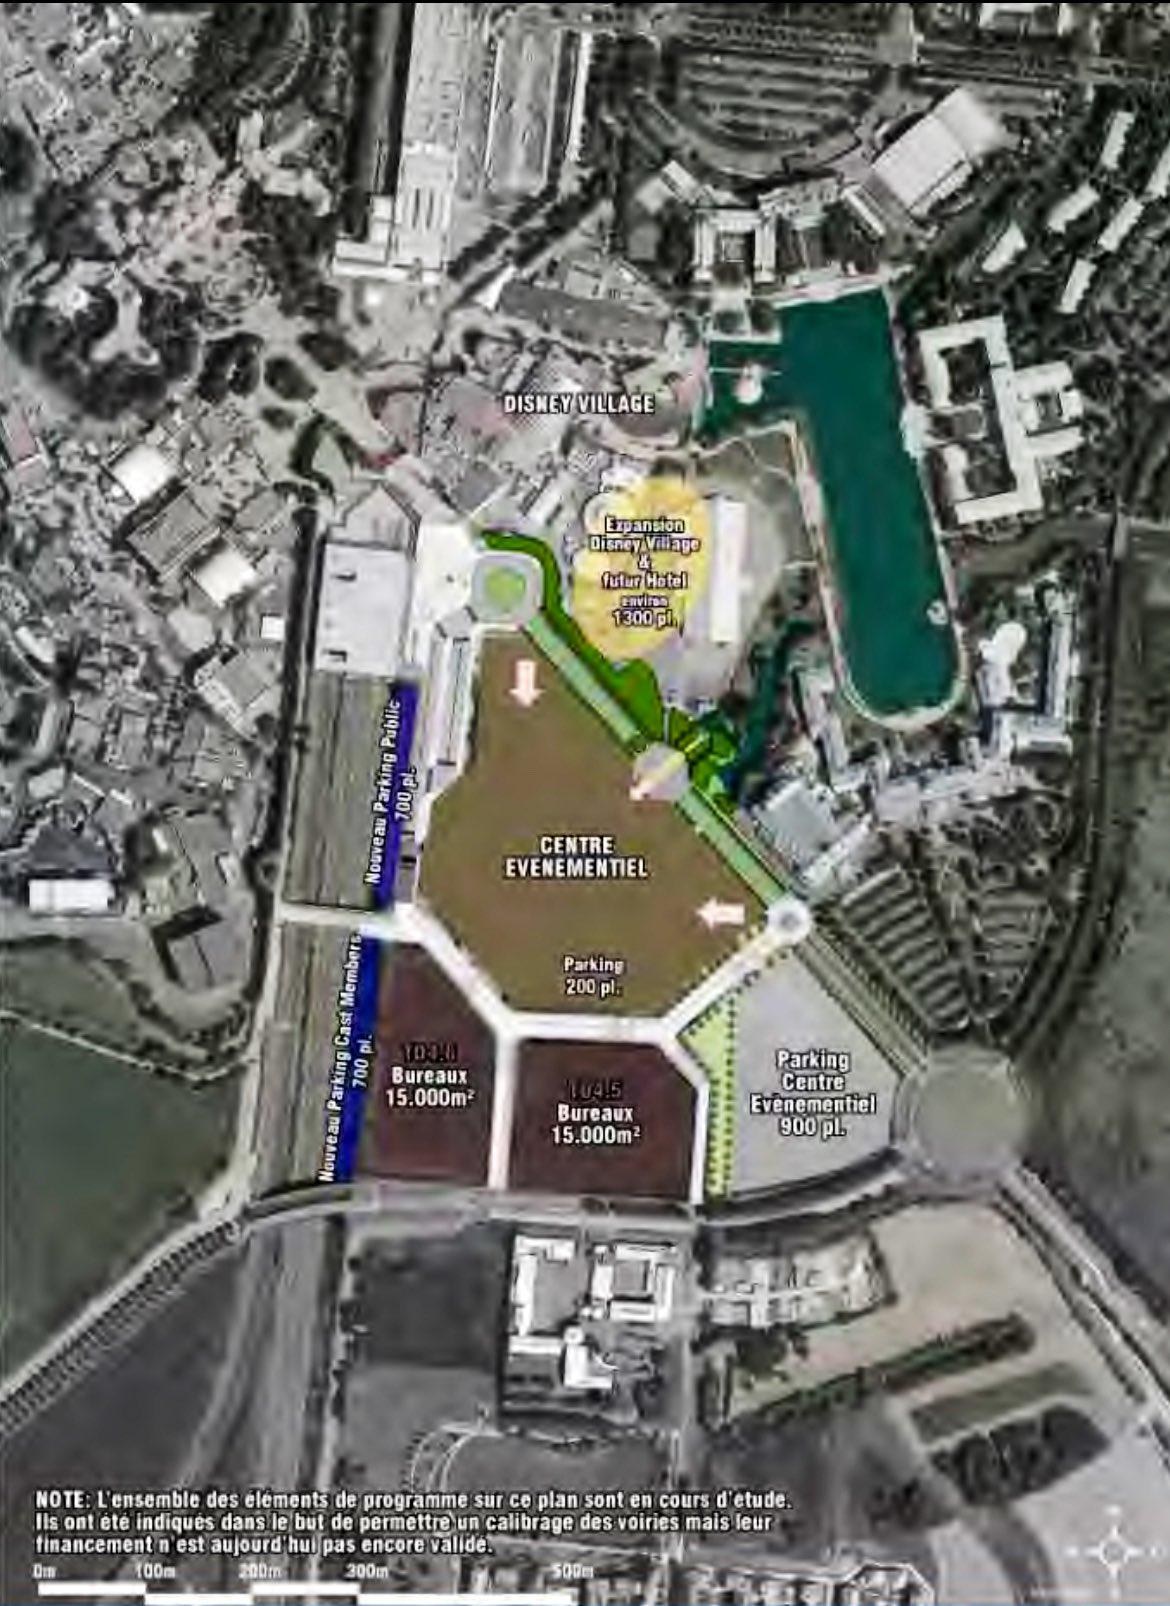 Esplanade : Nouvel Aménagement entre les Parcs, la Gare et DV - Page 29 EwDnIasXIAkWukz?format=jpg&name=large